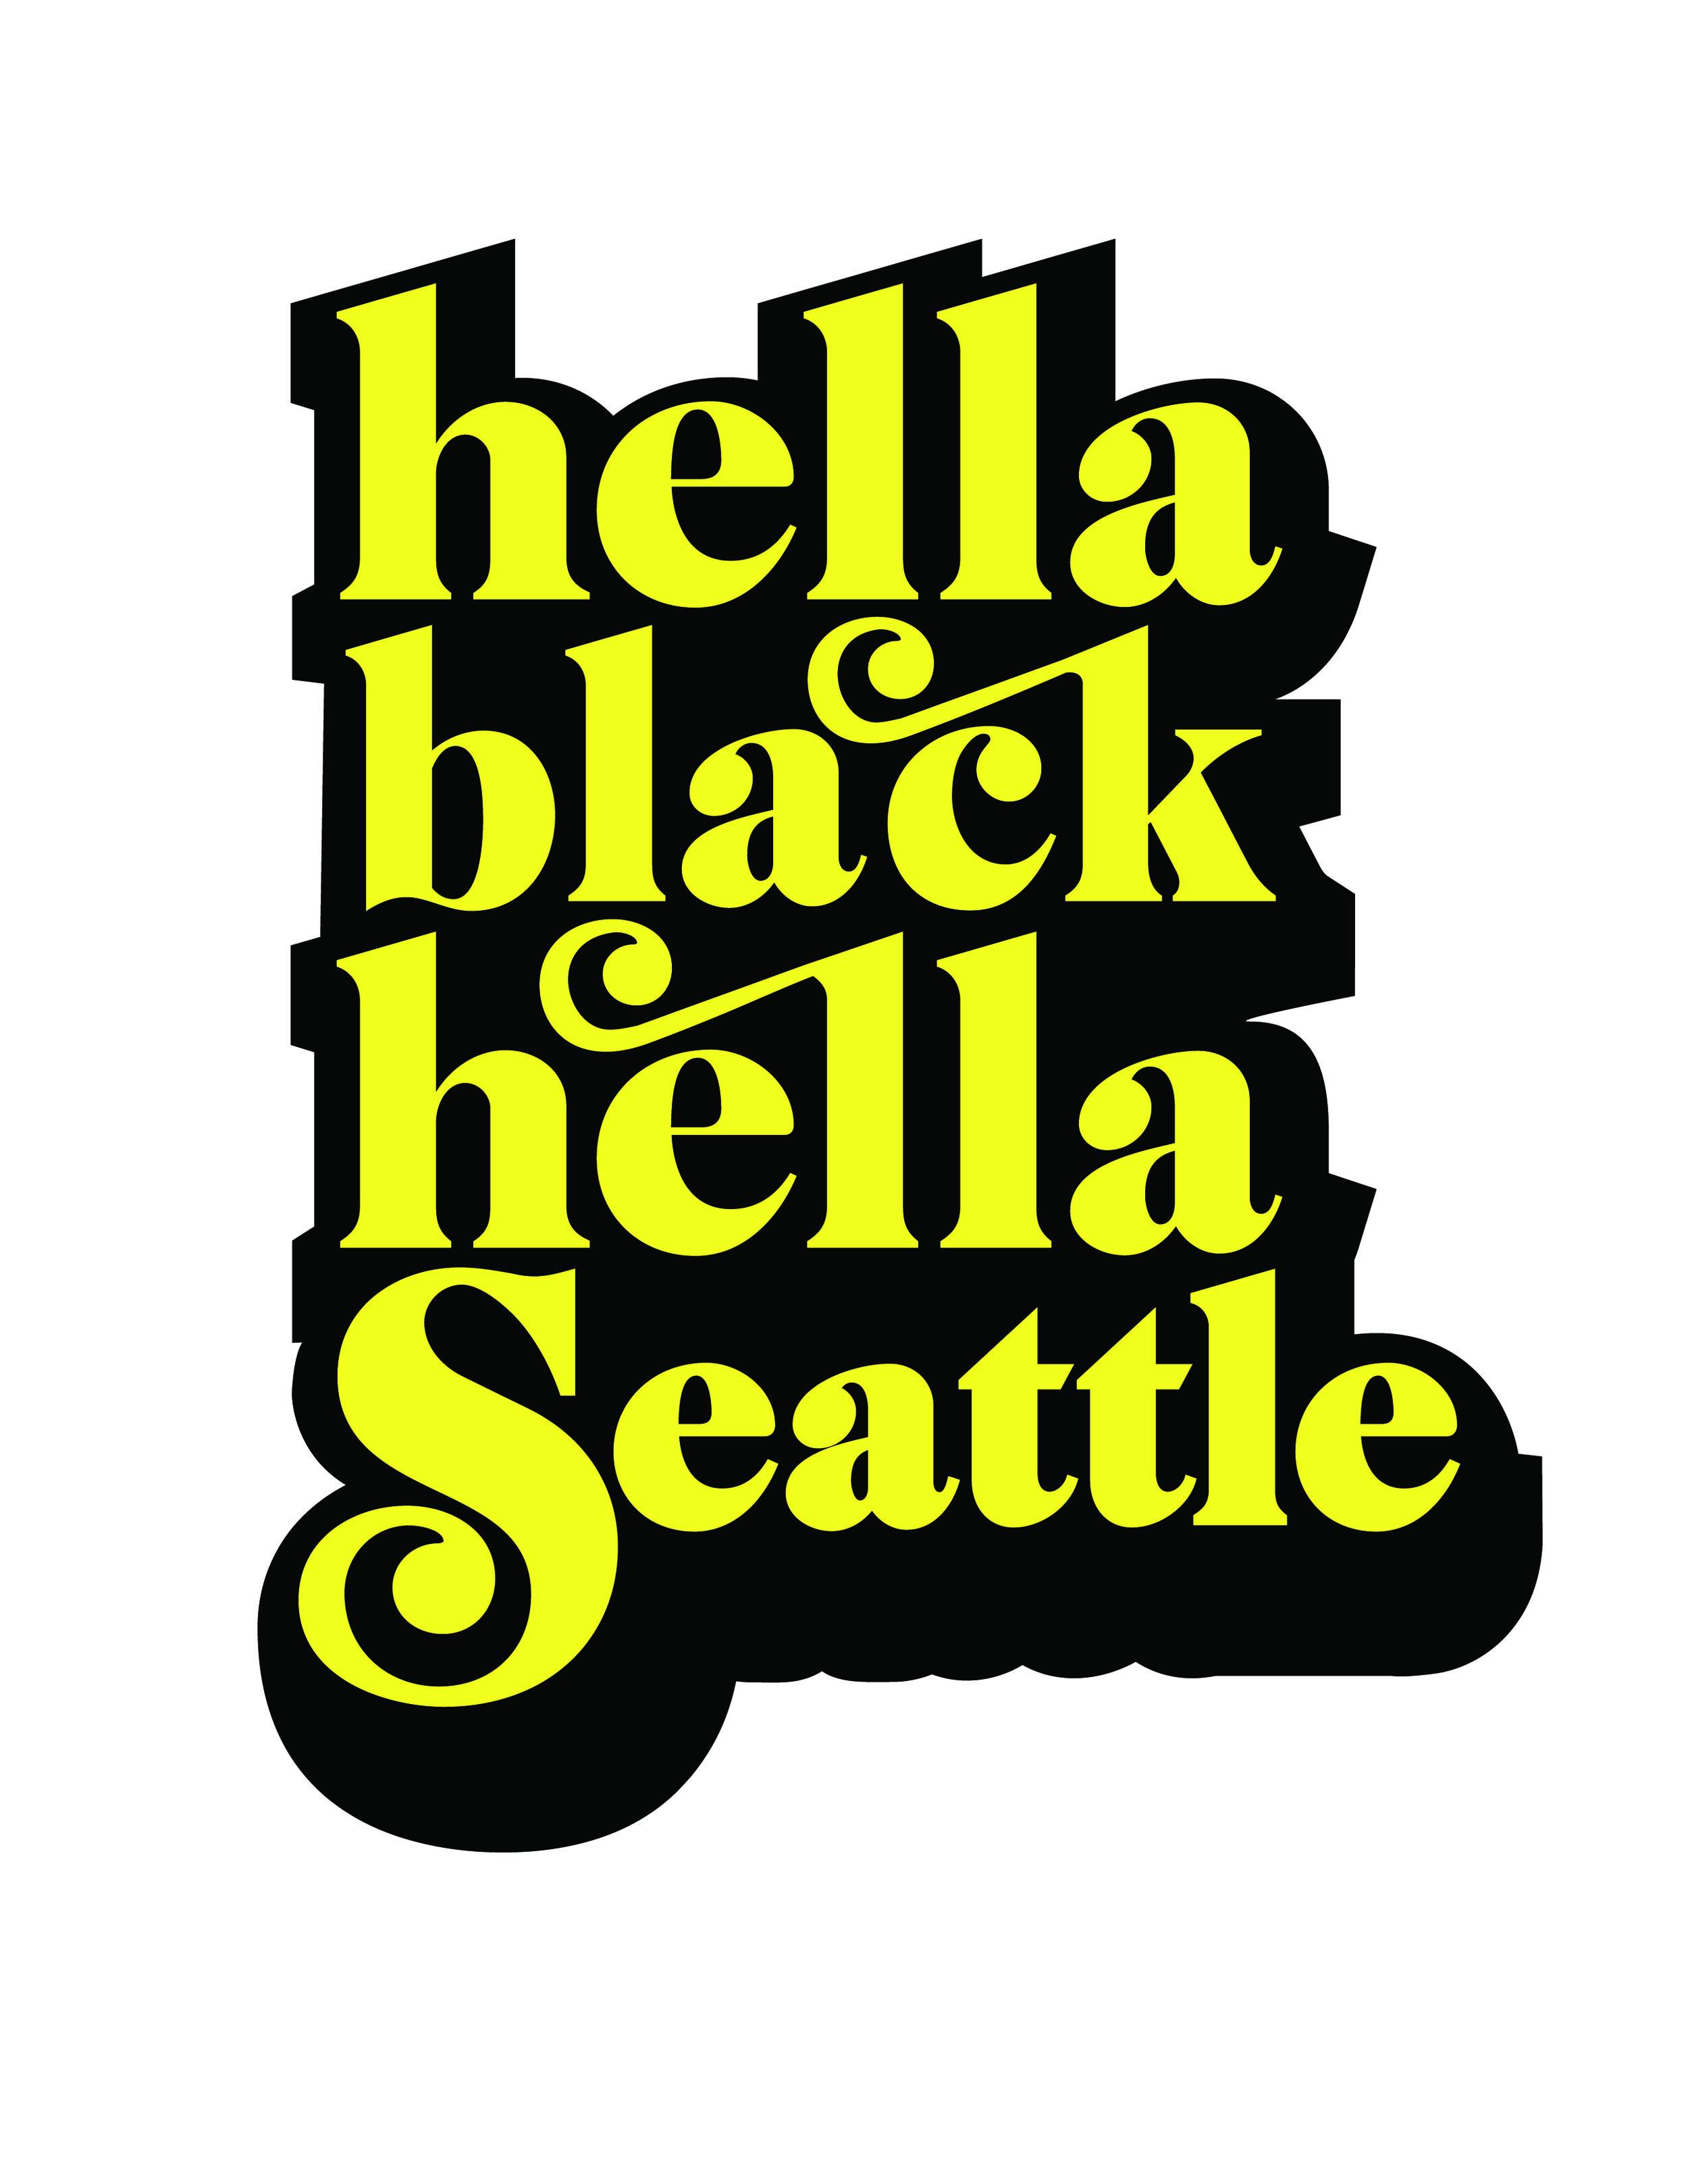 HellaBlackHellaSeattle Text Logo.jpg